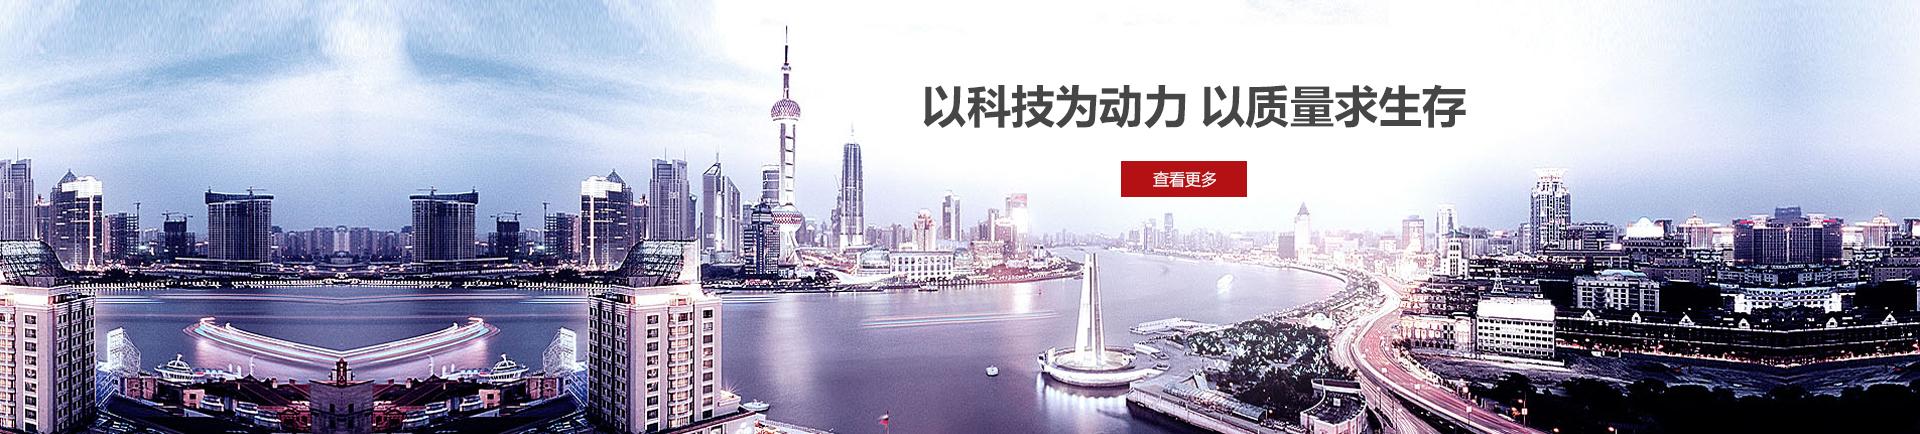 http://www.fhsjin.cn/data/upload/202012/20201216135143_724.jpg